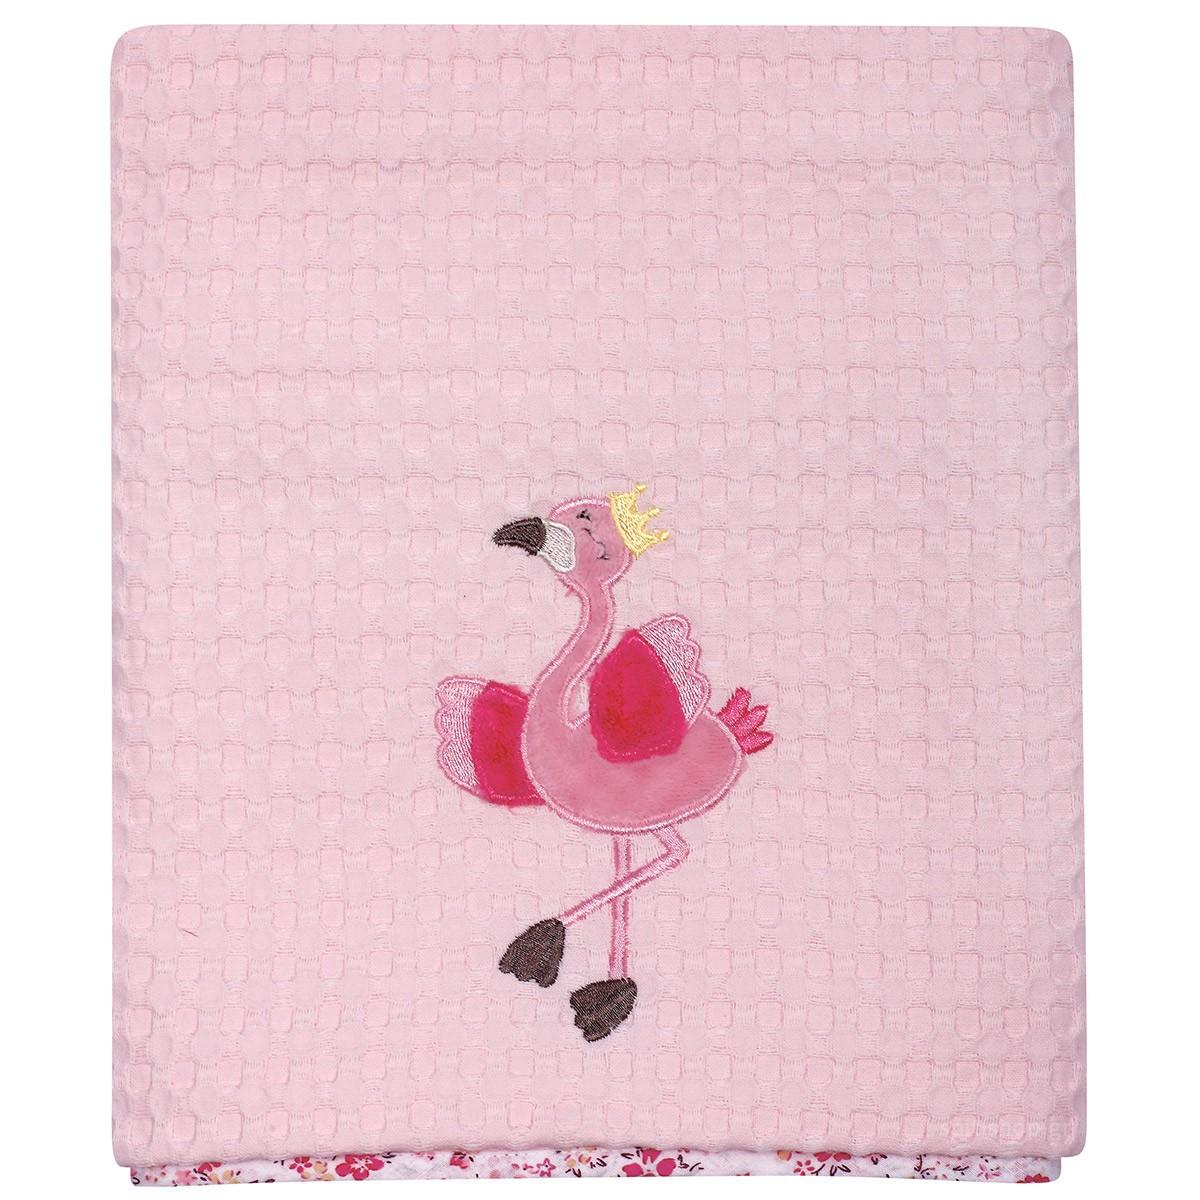 Κουβέρτα Πικέ Κούνιας Das Home Dream Embroidery 6464 89926